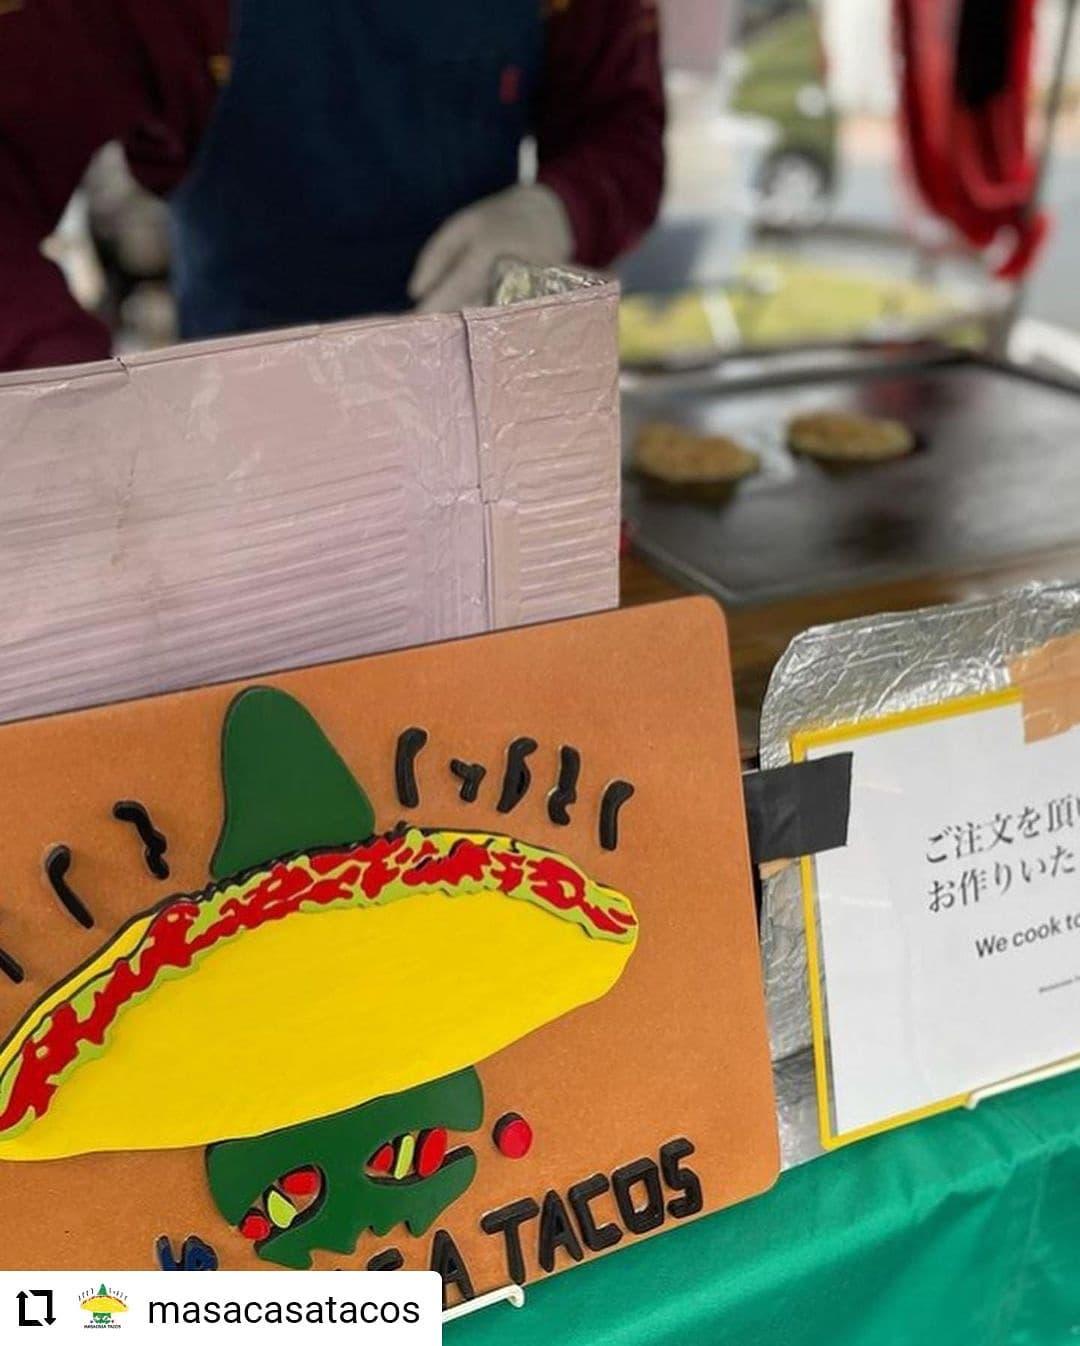 #Repost @masacasatacos…9/5(日) 、日曜市、出店します。 We will be at Sunday Farmers market on 9/5 from 8am ish. 日曜市では、高知のじきび粉とメキシコのマサ粉の自家製トルティーヤのタコスです。具は、「高知野菜」紫芋(森田農園さん)、高知産のパプリカ、ピーマンと四万十鶏のトマト煮です。人気は、四万十鶏のトマト煮と高知野菜、両方入った「ミックス」低カロリー高タンパクな、四万十鶏の胸肉と、さつまいもたっぷりの高知野菜のハーフ&ハーフ。朝食にもばっちりです。具材は辛くないので、お子様にも人気です。サルサは3種類 A: トマト、B:  ハラペーニョ、みょうがC :  ハバネロフレッシュハラペーニョのスライスもあります。サルサの唐辛子、トマト、玉ねぎ、ニンニク、高知産です。ハラペーニョは、森田農園さん。ハバネロは、ファームベジコさんです。場所は、日曜市3丁目、駐車場の前 開店は、8時くらいからに、なります。9/5、今週も、12時過ぎくらいには、閉店させていただく予定です。よろしくお願いいたします。SNSにタグ付け投稿していただいた方々の写真を使わせていただいています。ありがとうございます #高知 #日曜市 #タコス #サルサ #高知野菜 #紫芋 #四万十鶏 #高知タコス計画 #自家製トルティーヤ #森田農園 さんの#紫芋 #ハラペーニョ 、#ファームベジコ さんの#ハバネロ #farmersmarket #tacos #kochi